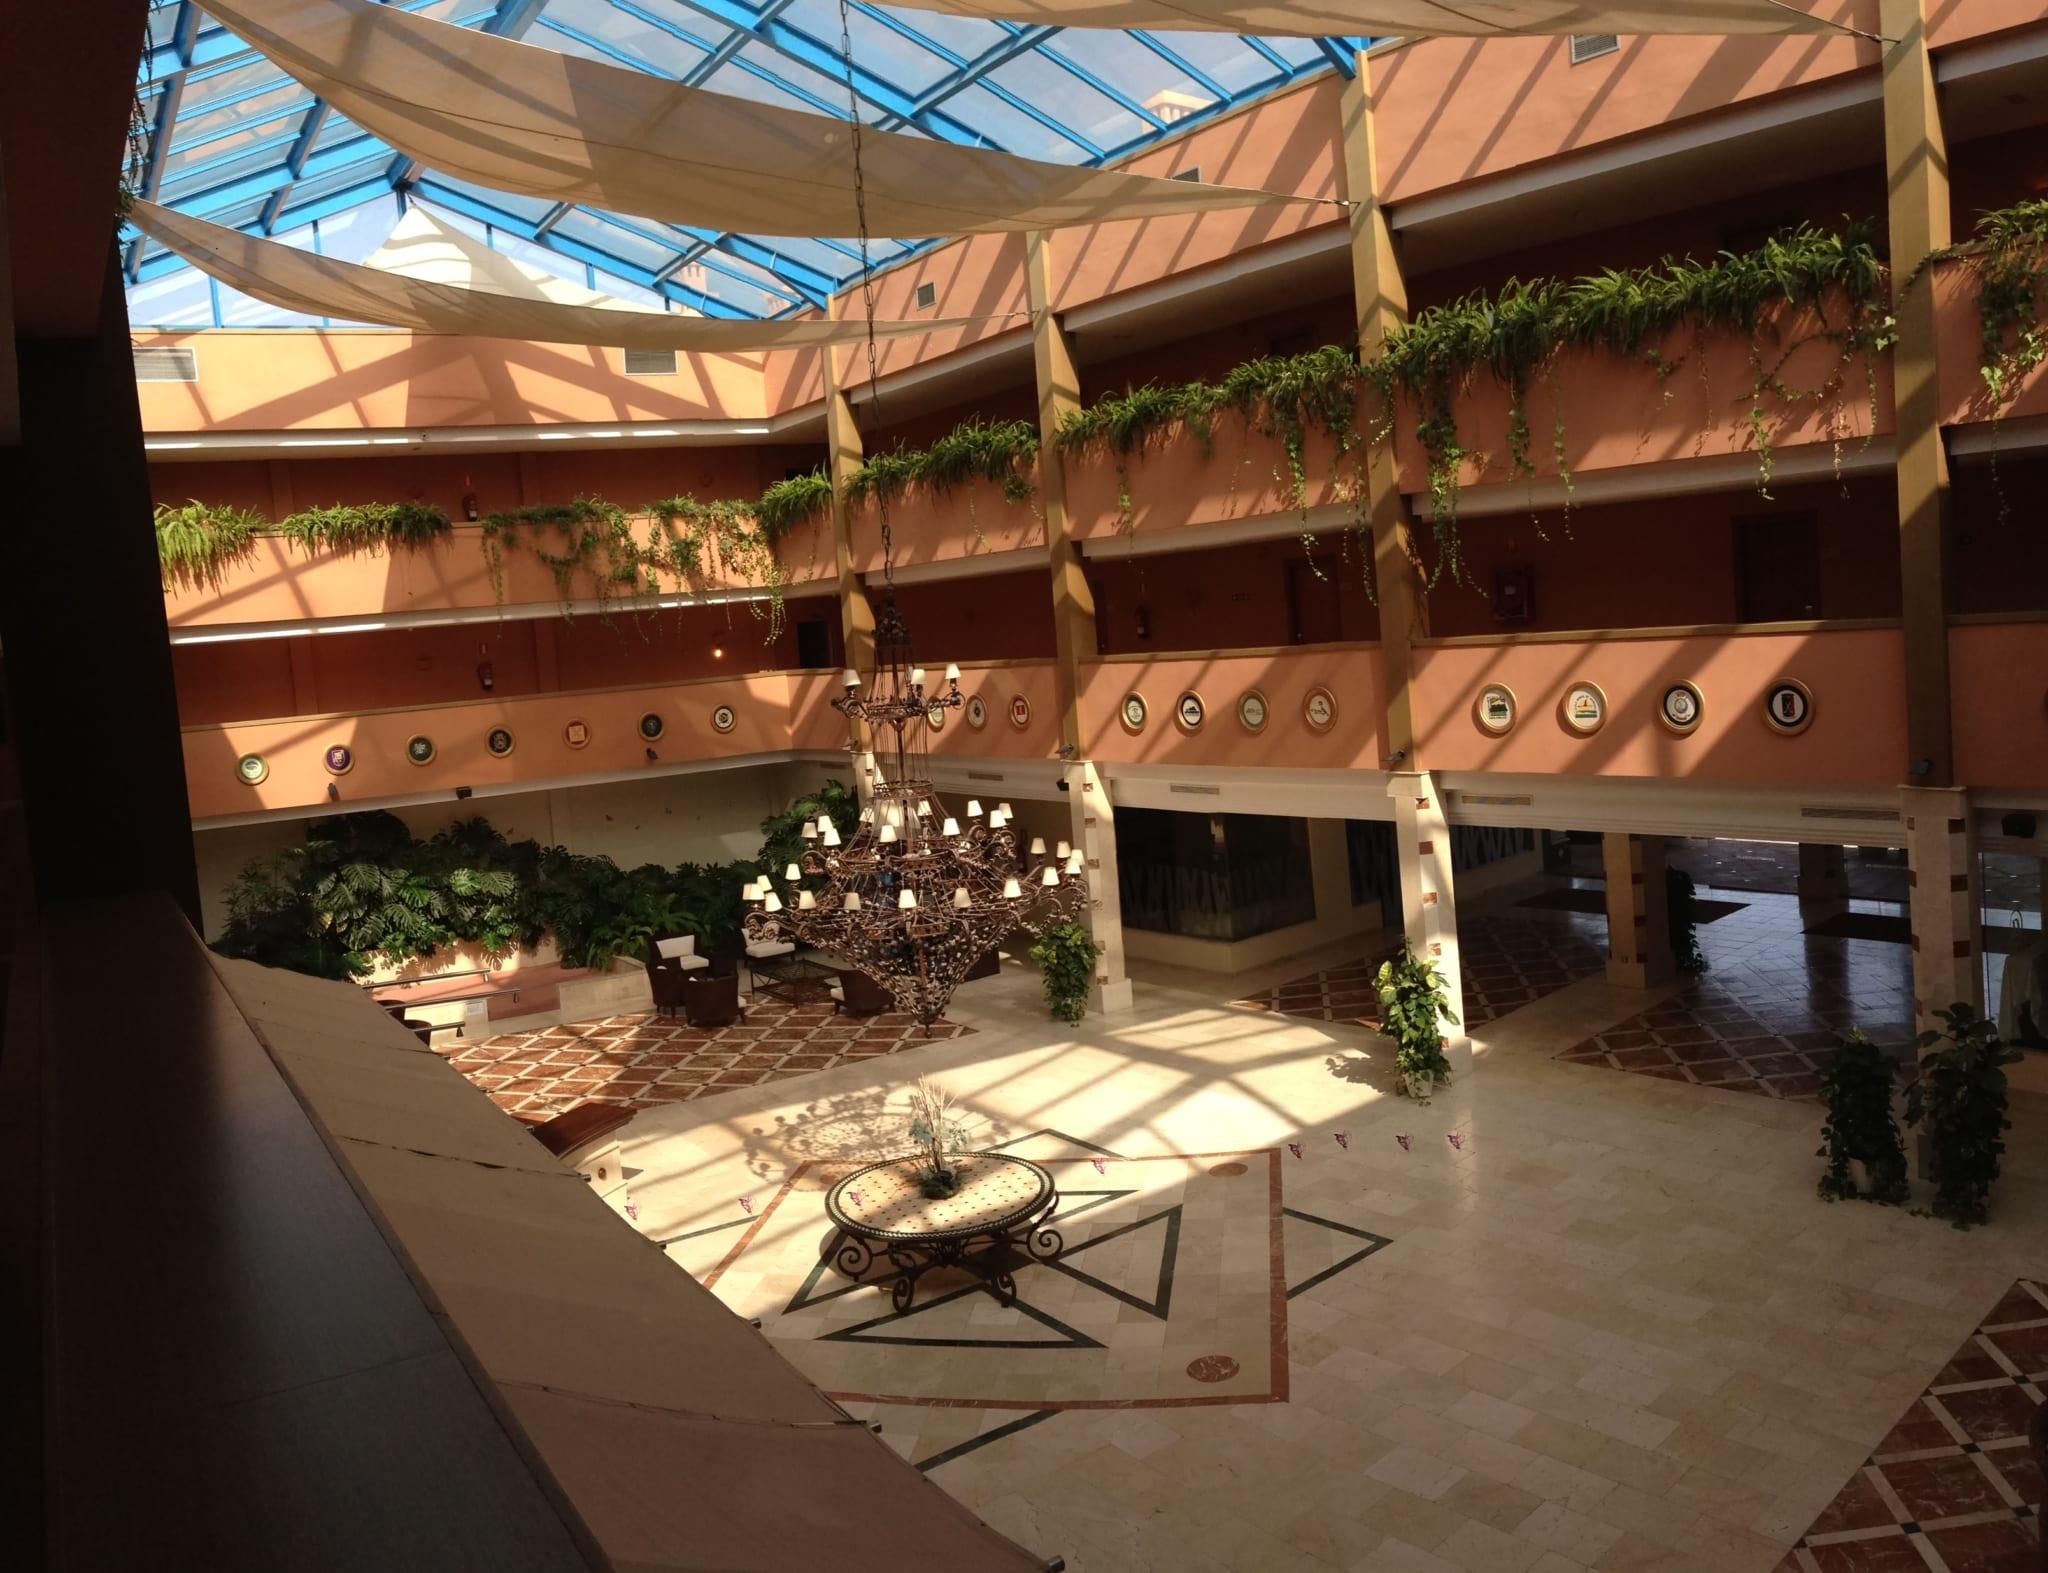 von 70 000 60 zimmer zum verkauf 4 sterne hotel s d spanien. Black Bedroom Furniture Sets. Home Design Ideas